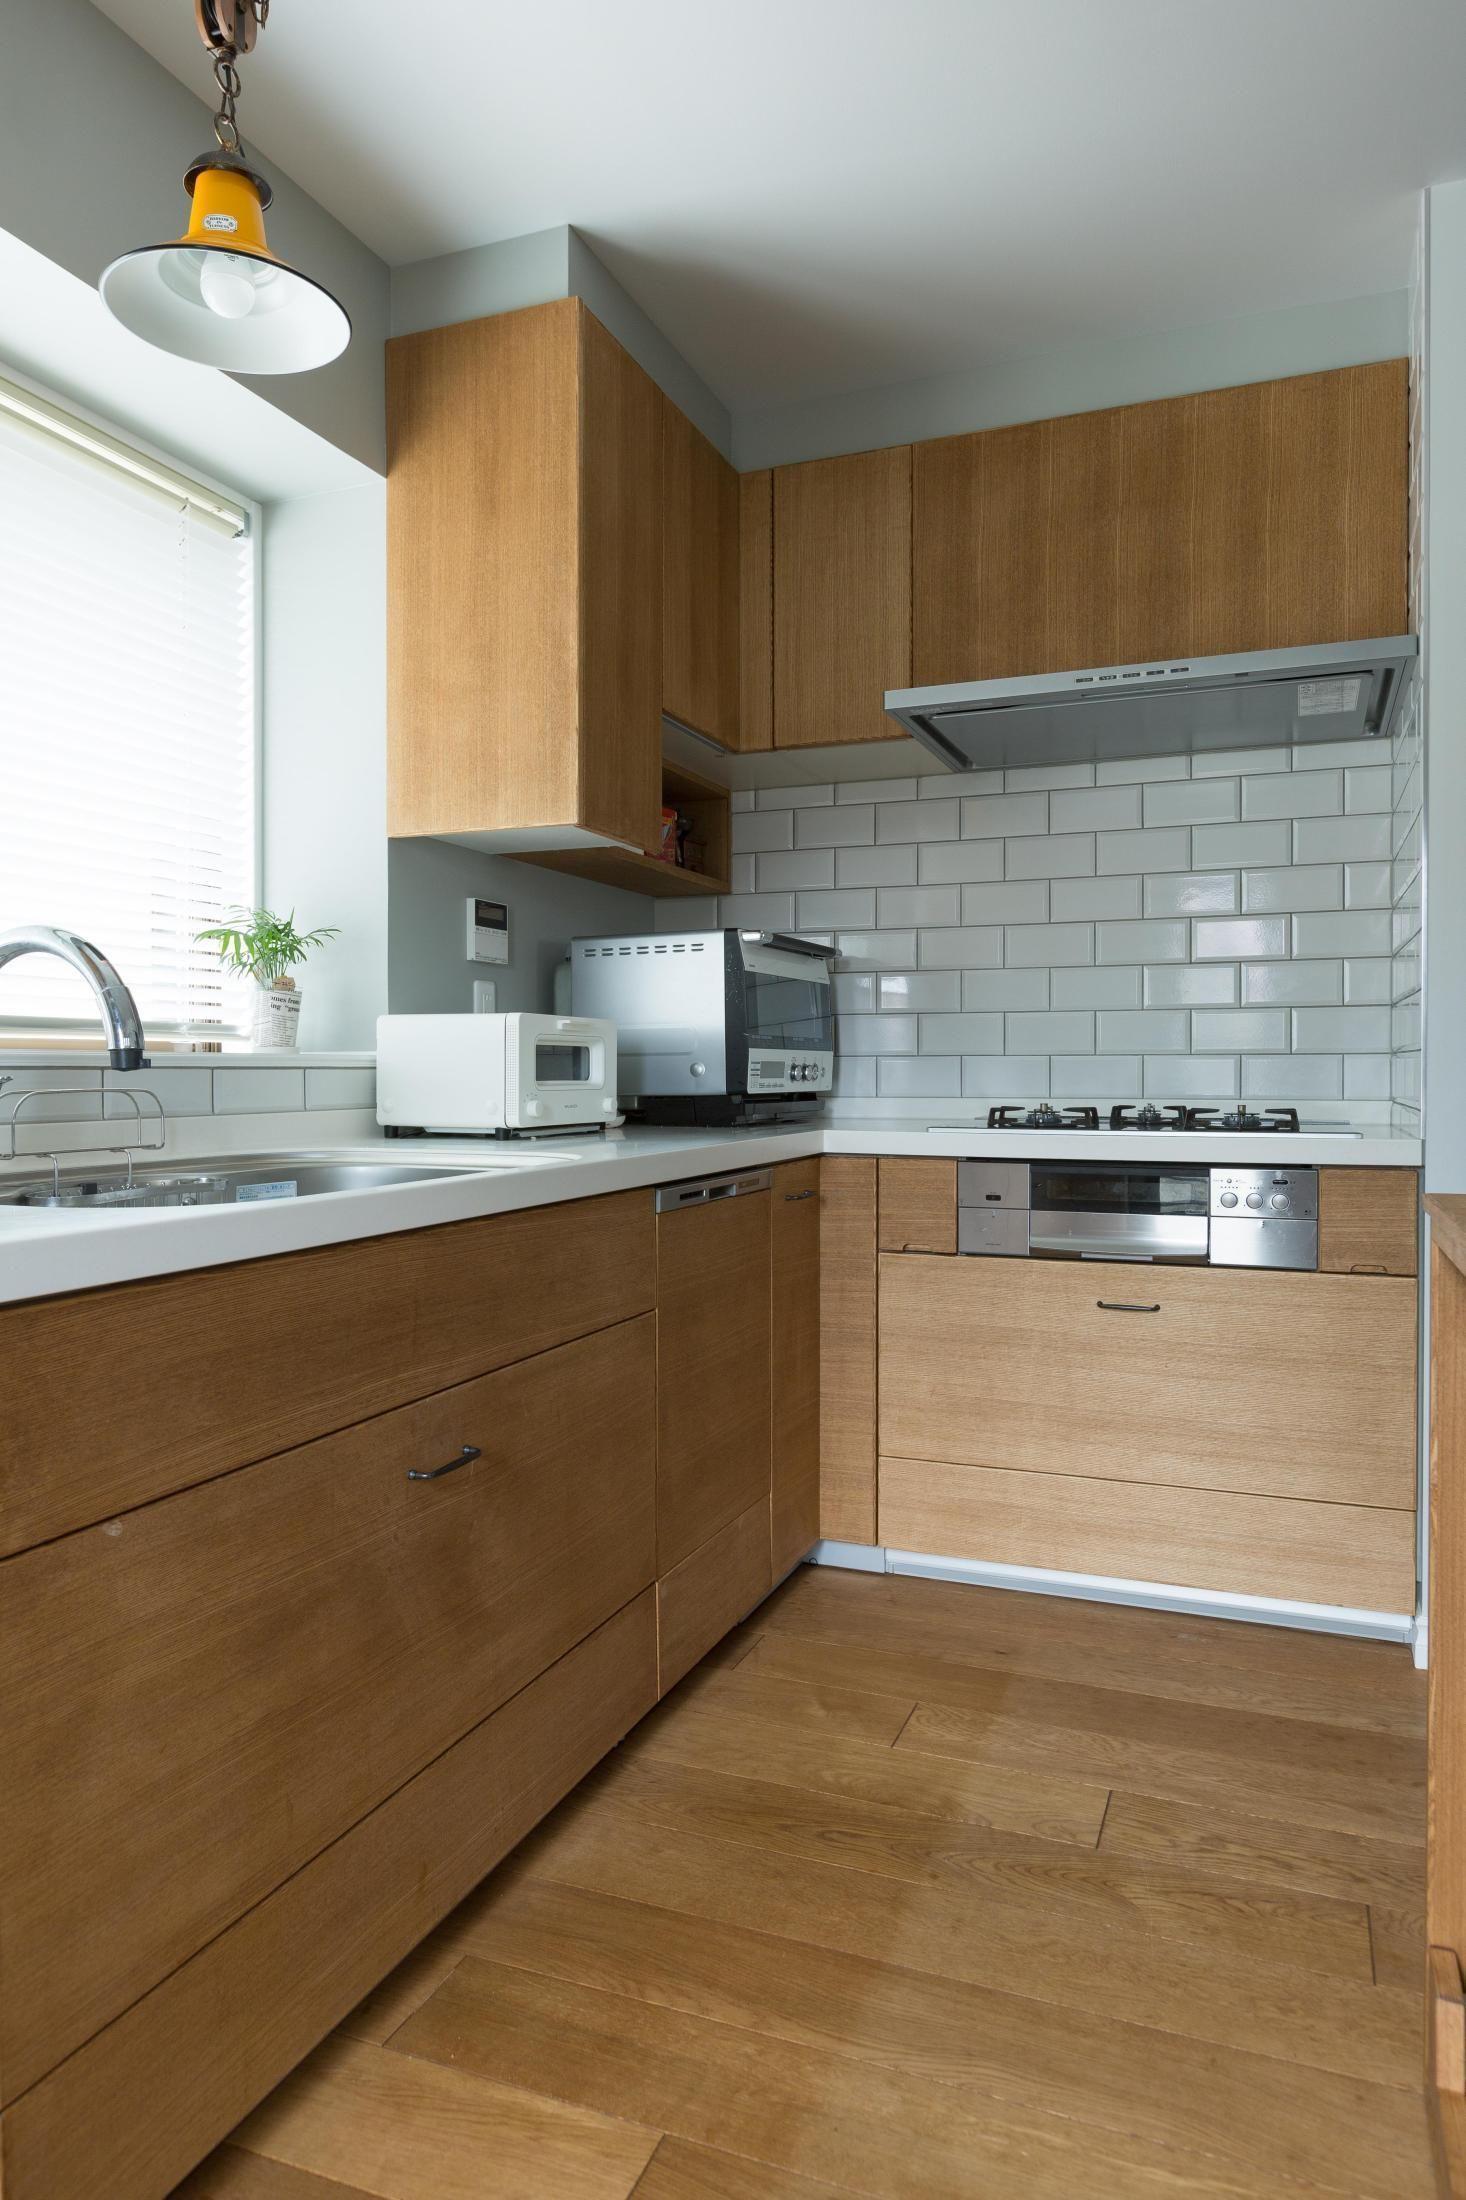 使いやすい 魅力的なl字型キッチン事例8選 L字型キッチン 新築